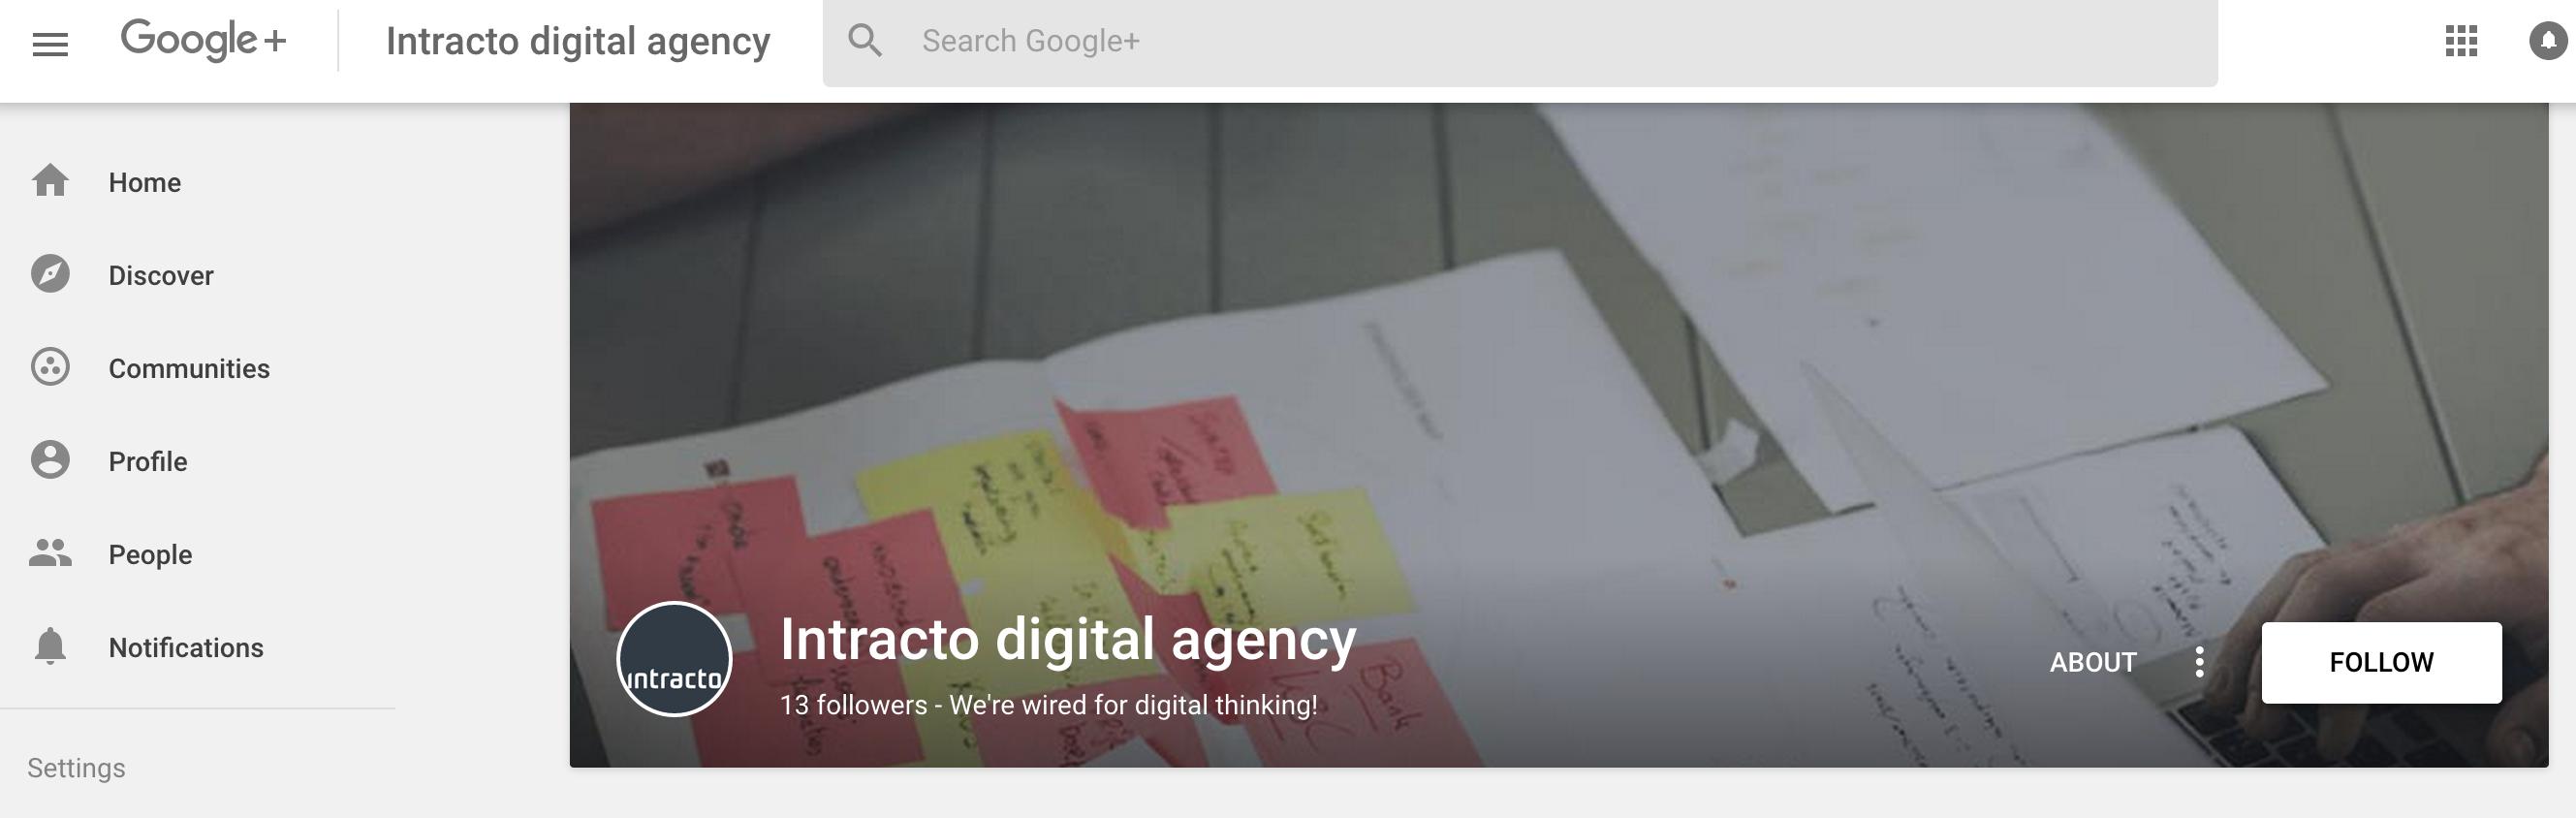 google plus afmetingen intracto